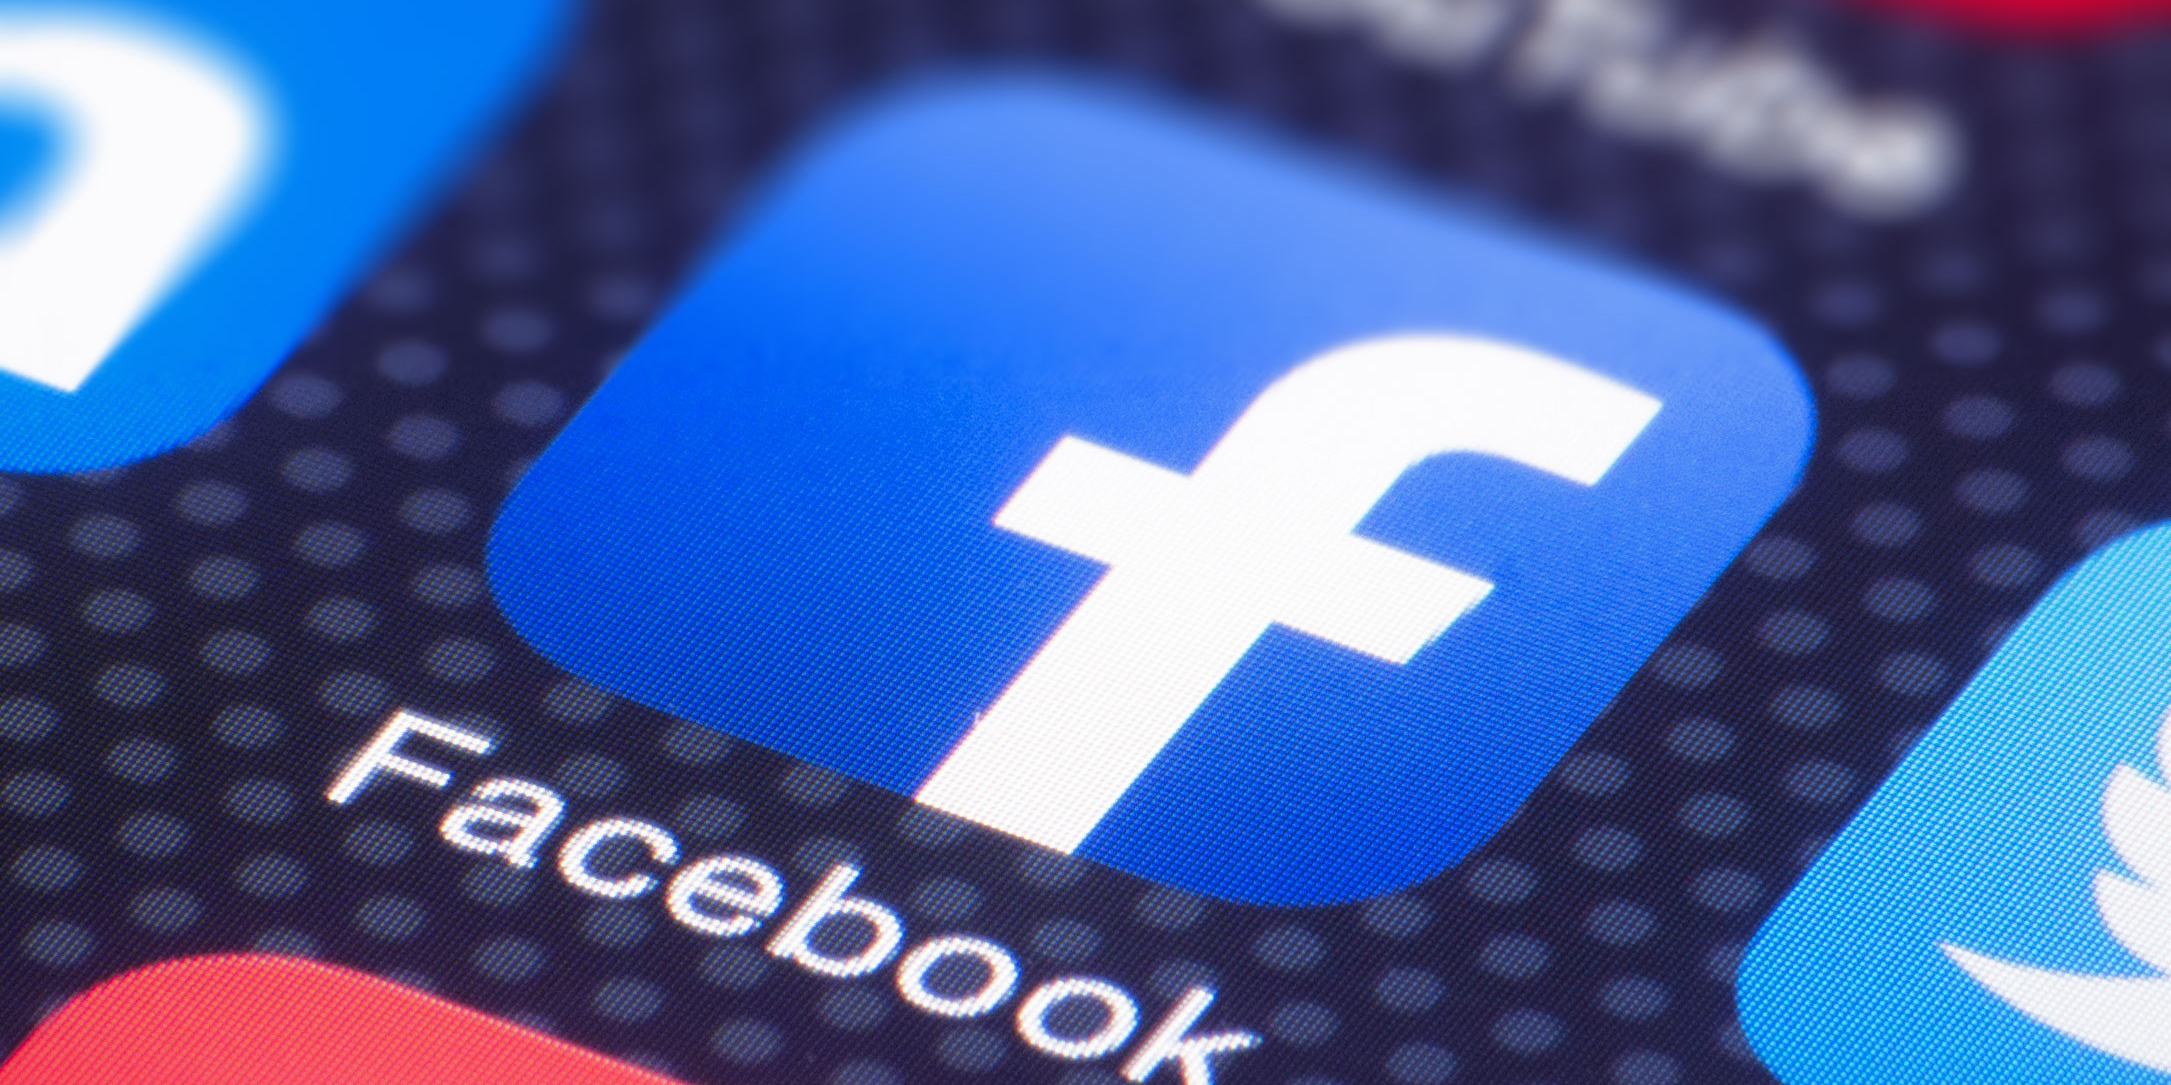 ¿Coincidencia? Facebook sufre caída tras escándalo de filtraciones | El Imparcial de Oaxaca